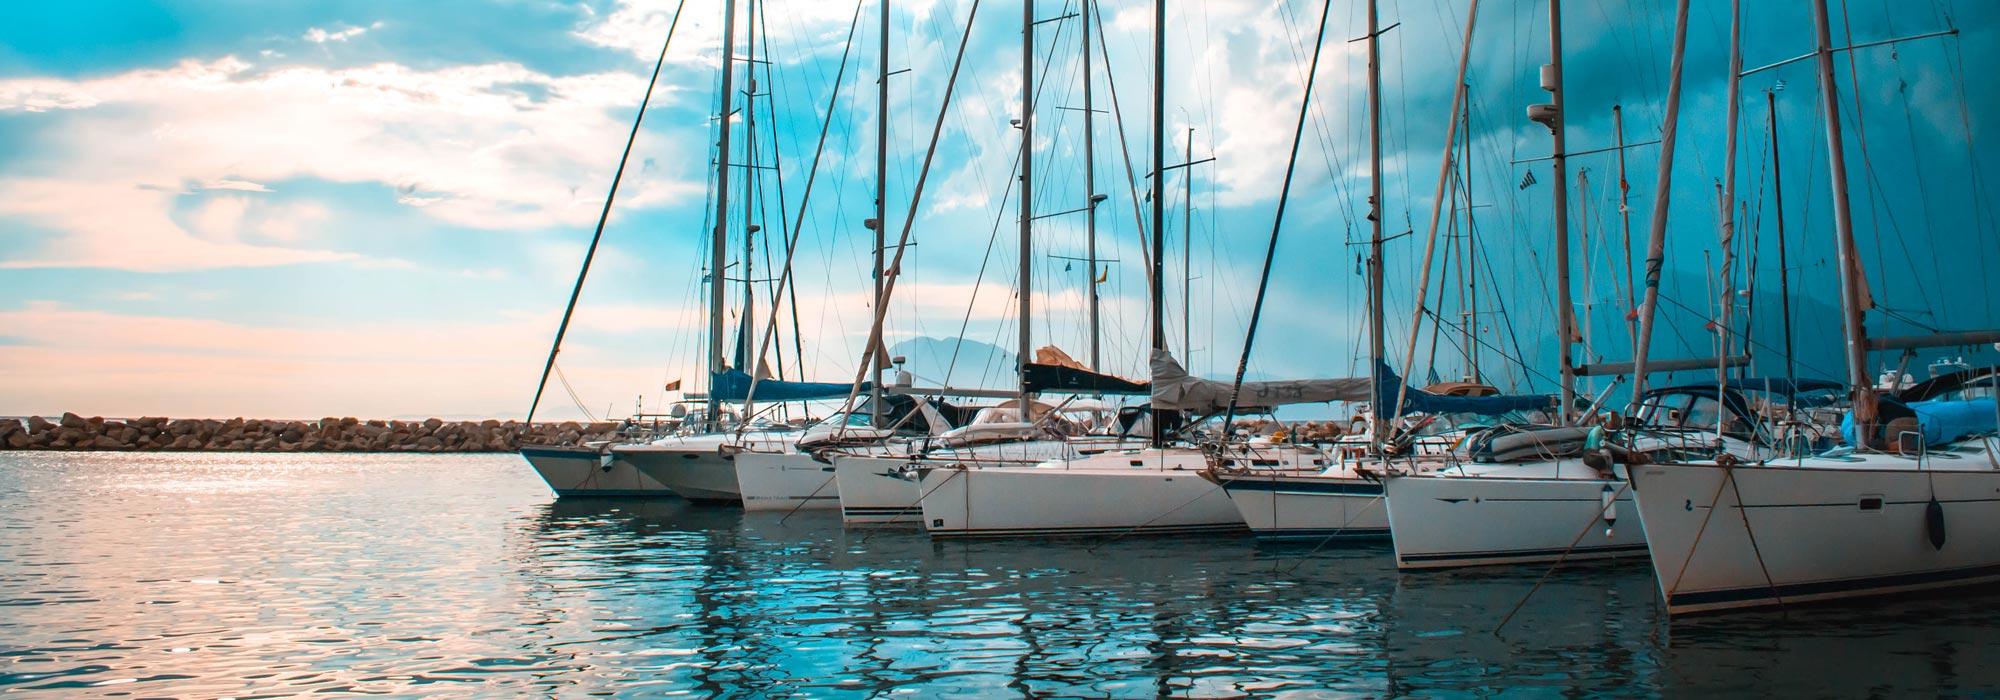 Saleboot BV helpt dan graag en koopt de boot voor u op